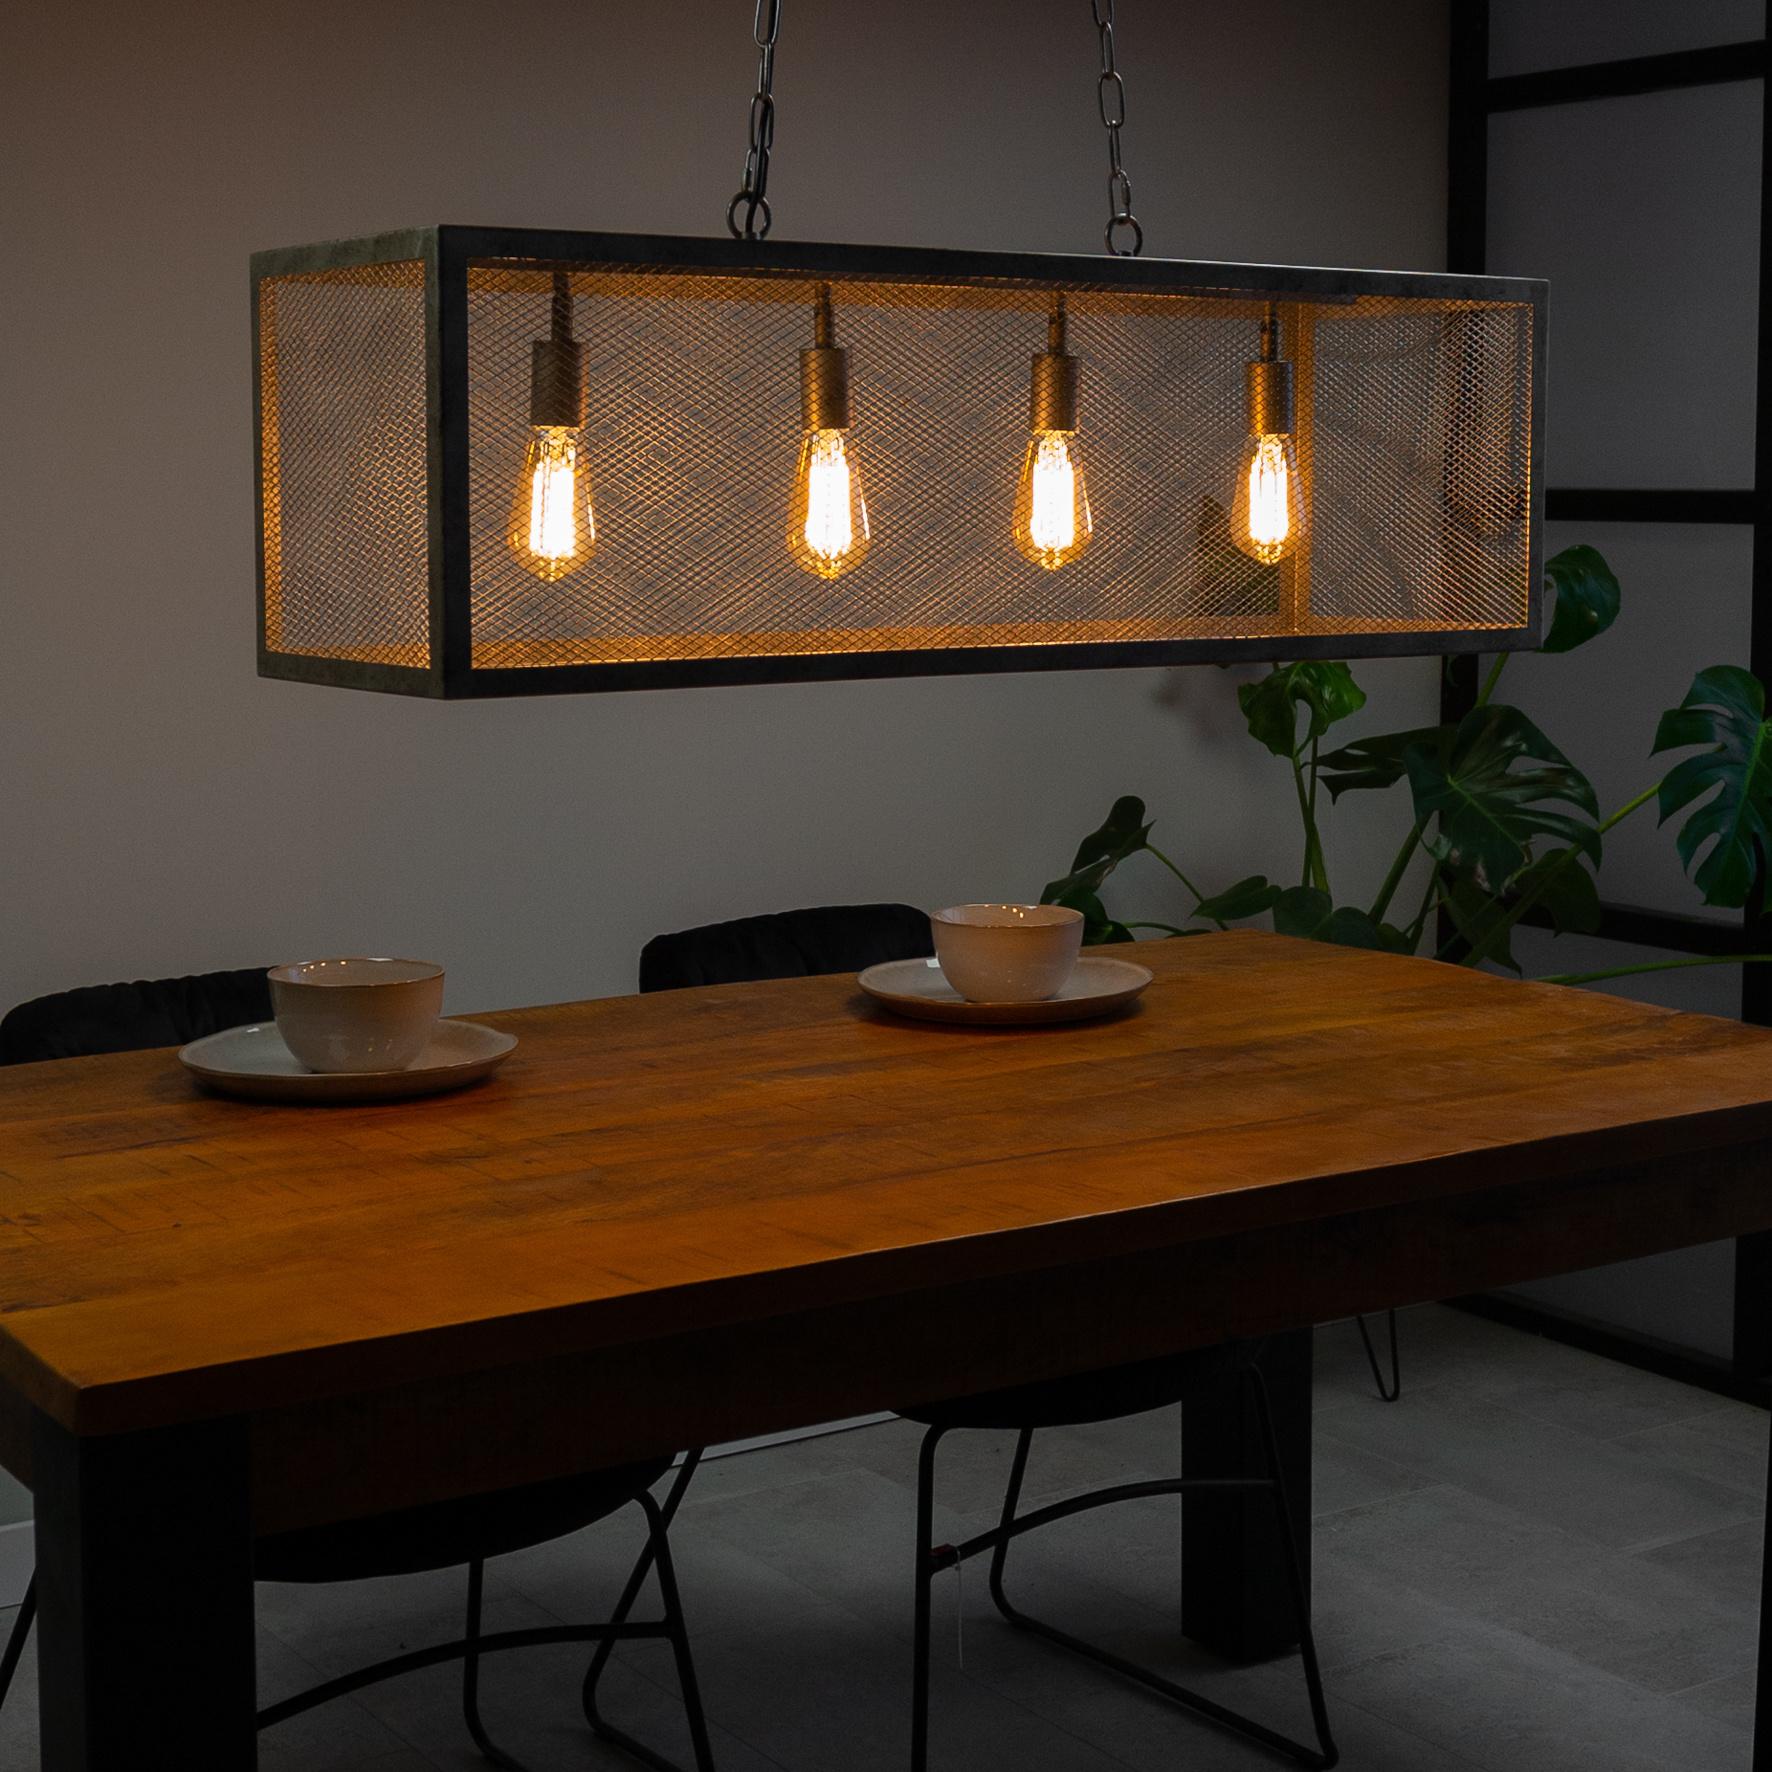 Hoe belangrijk is verlichting voor jou?